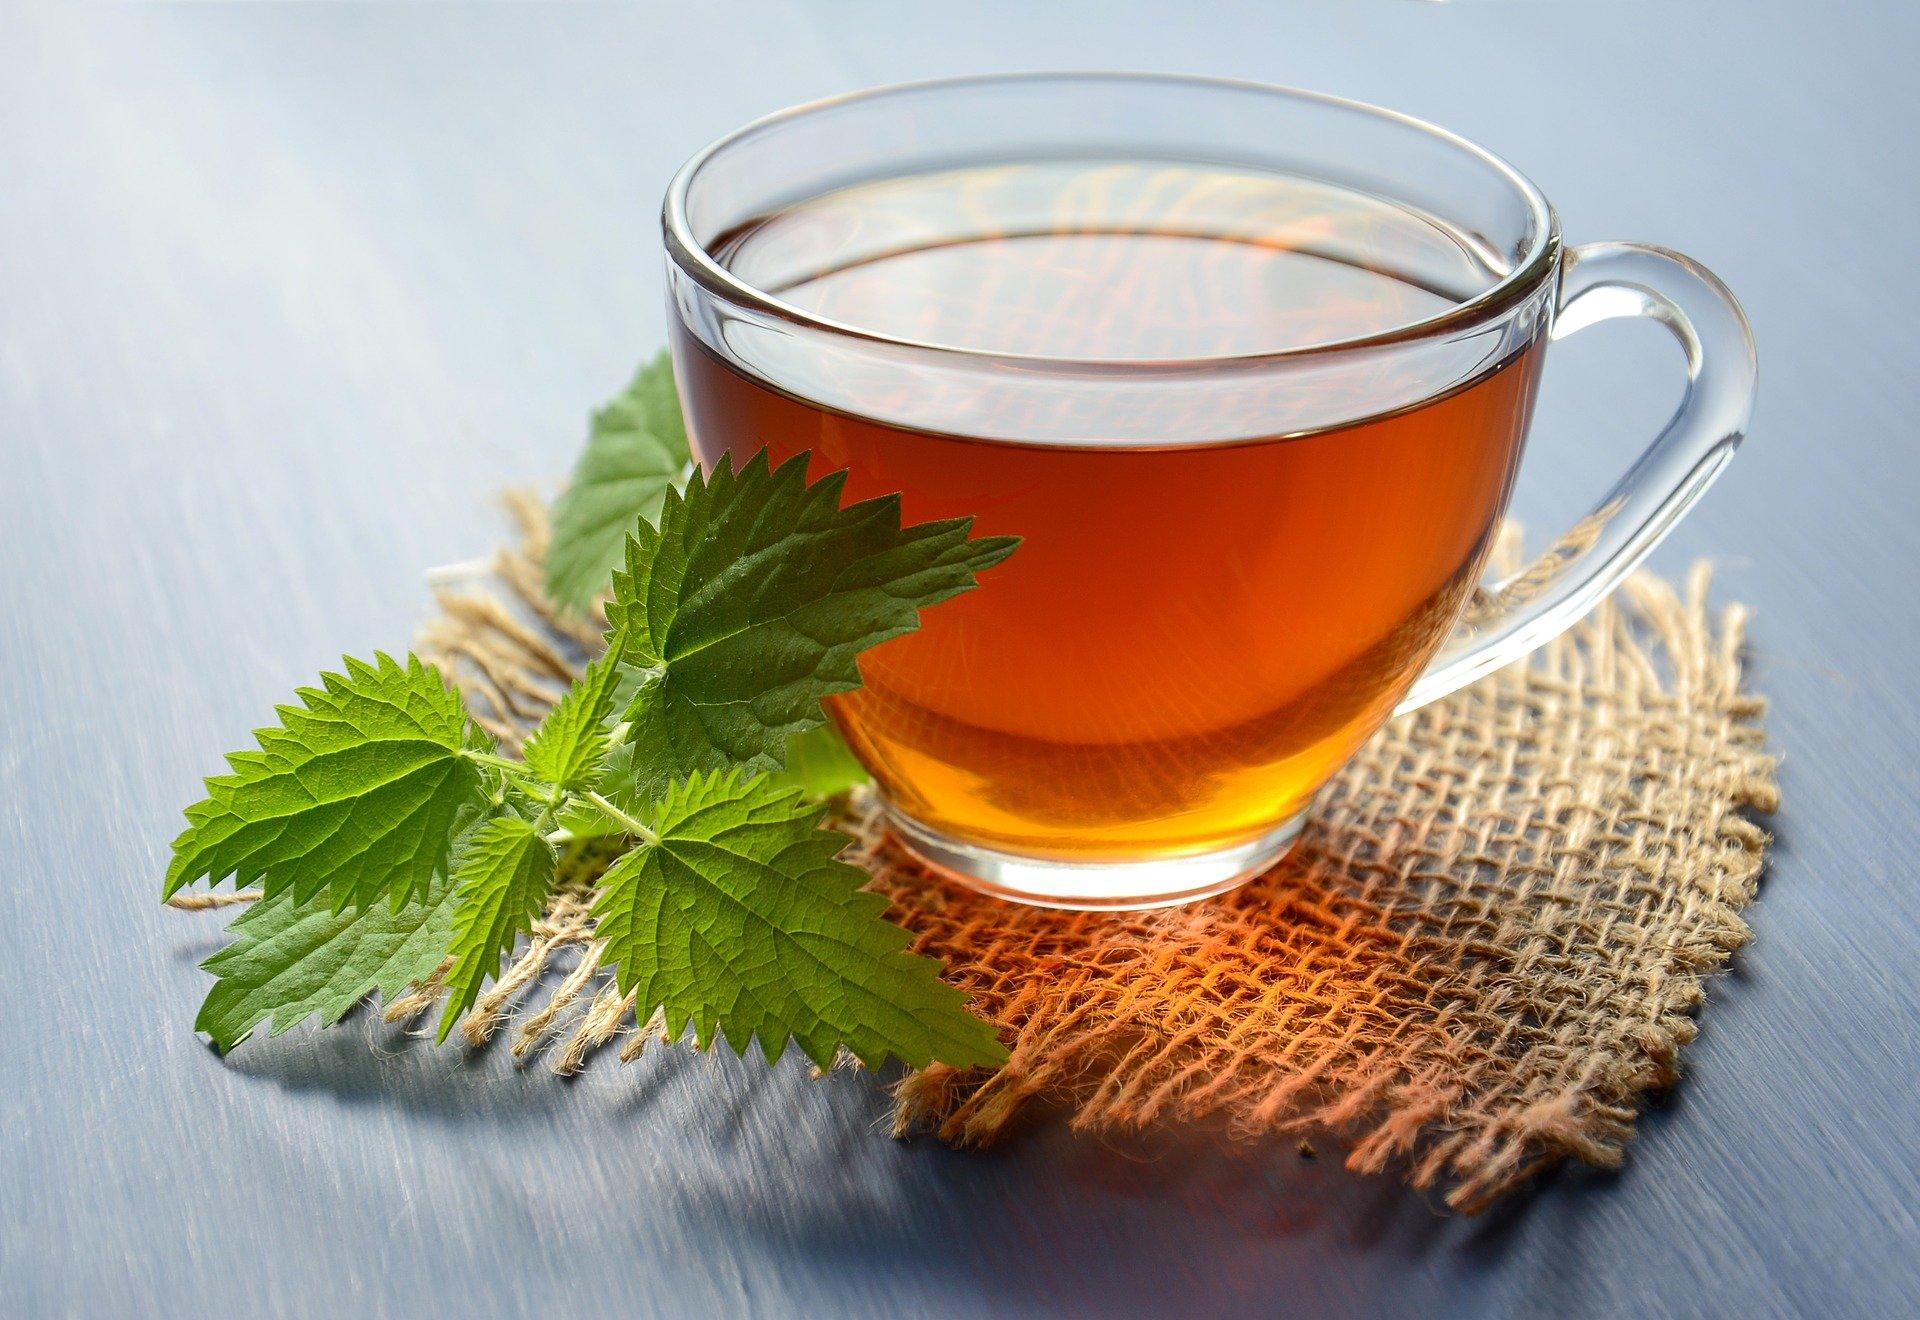 tea-3673714_1920.jpg